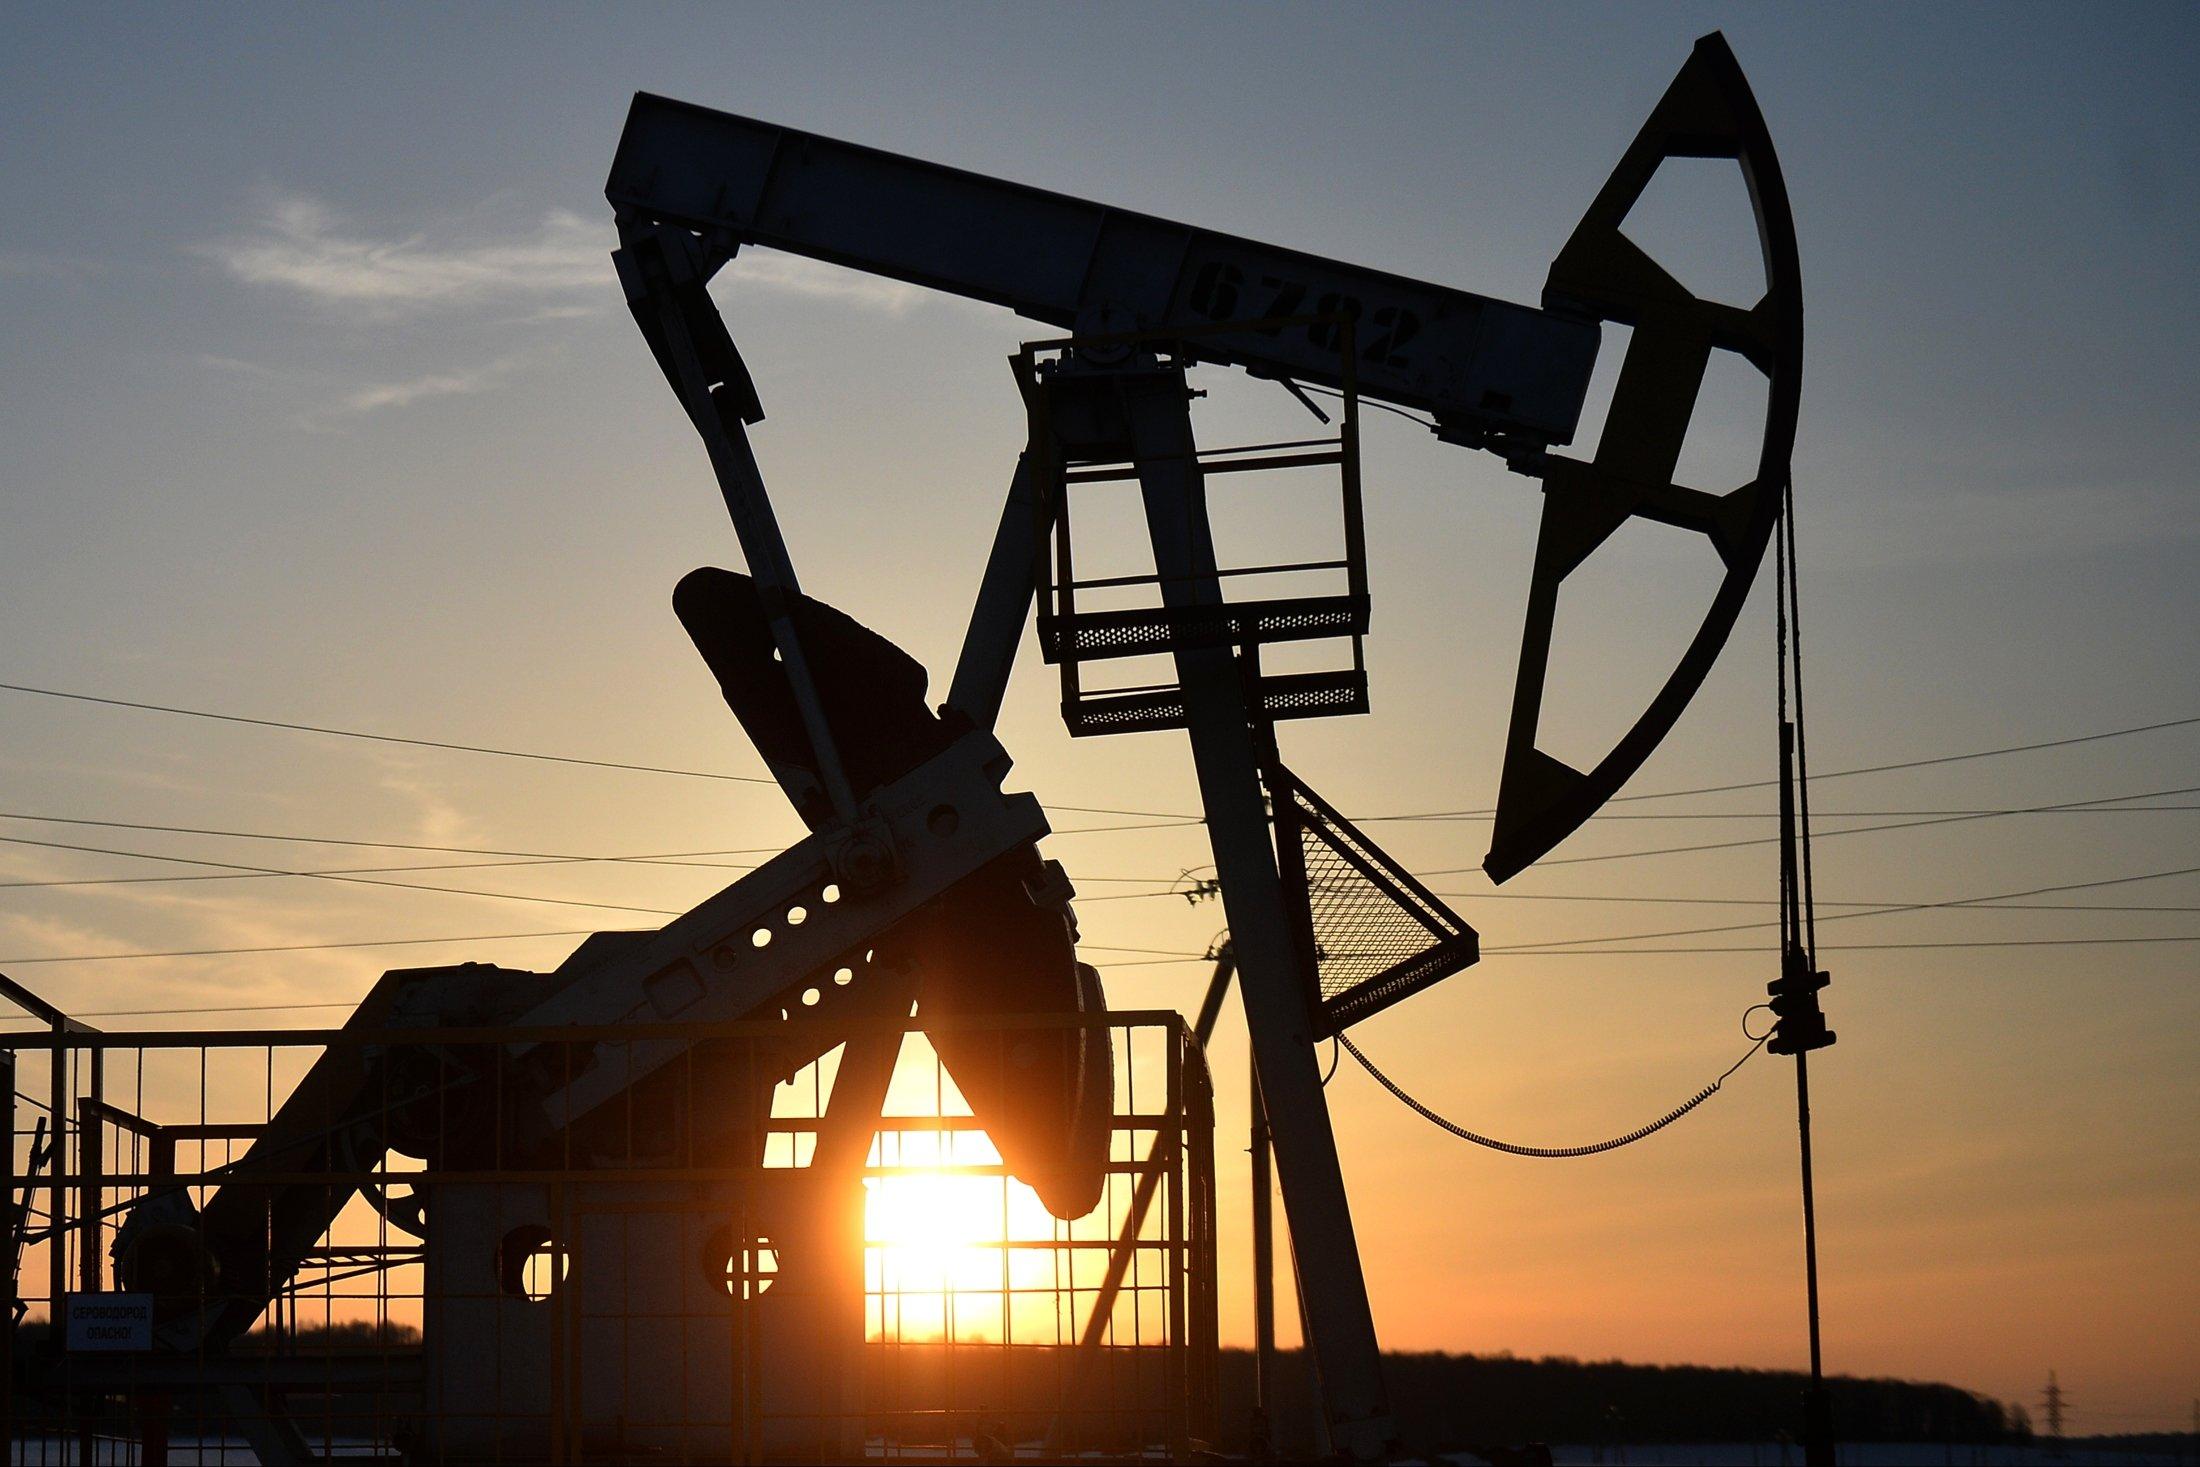 АҚШ, Ресей және Сауд Арабиясы мұнай нарығын бірлесіп ретке келтіреді